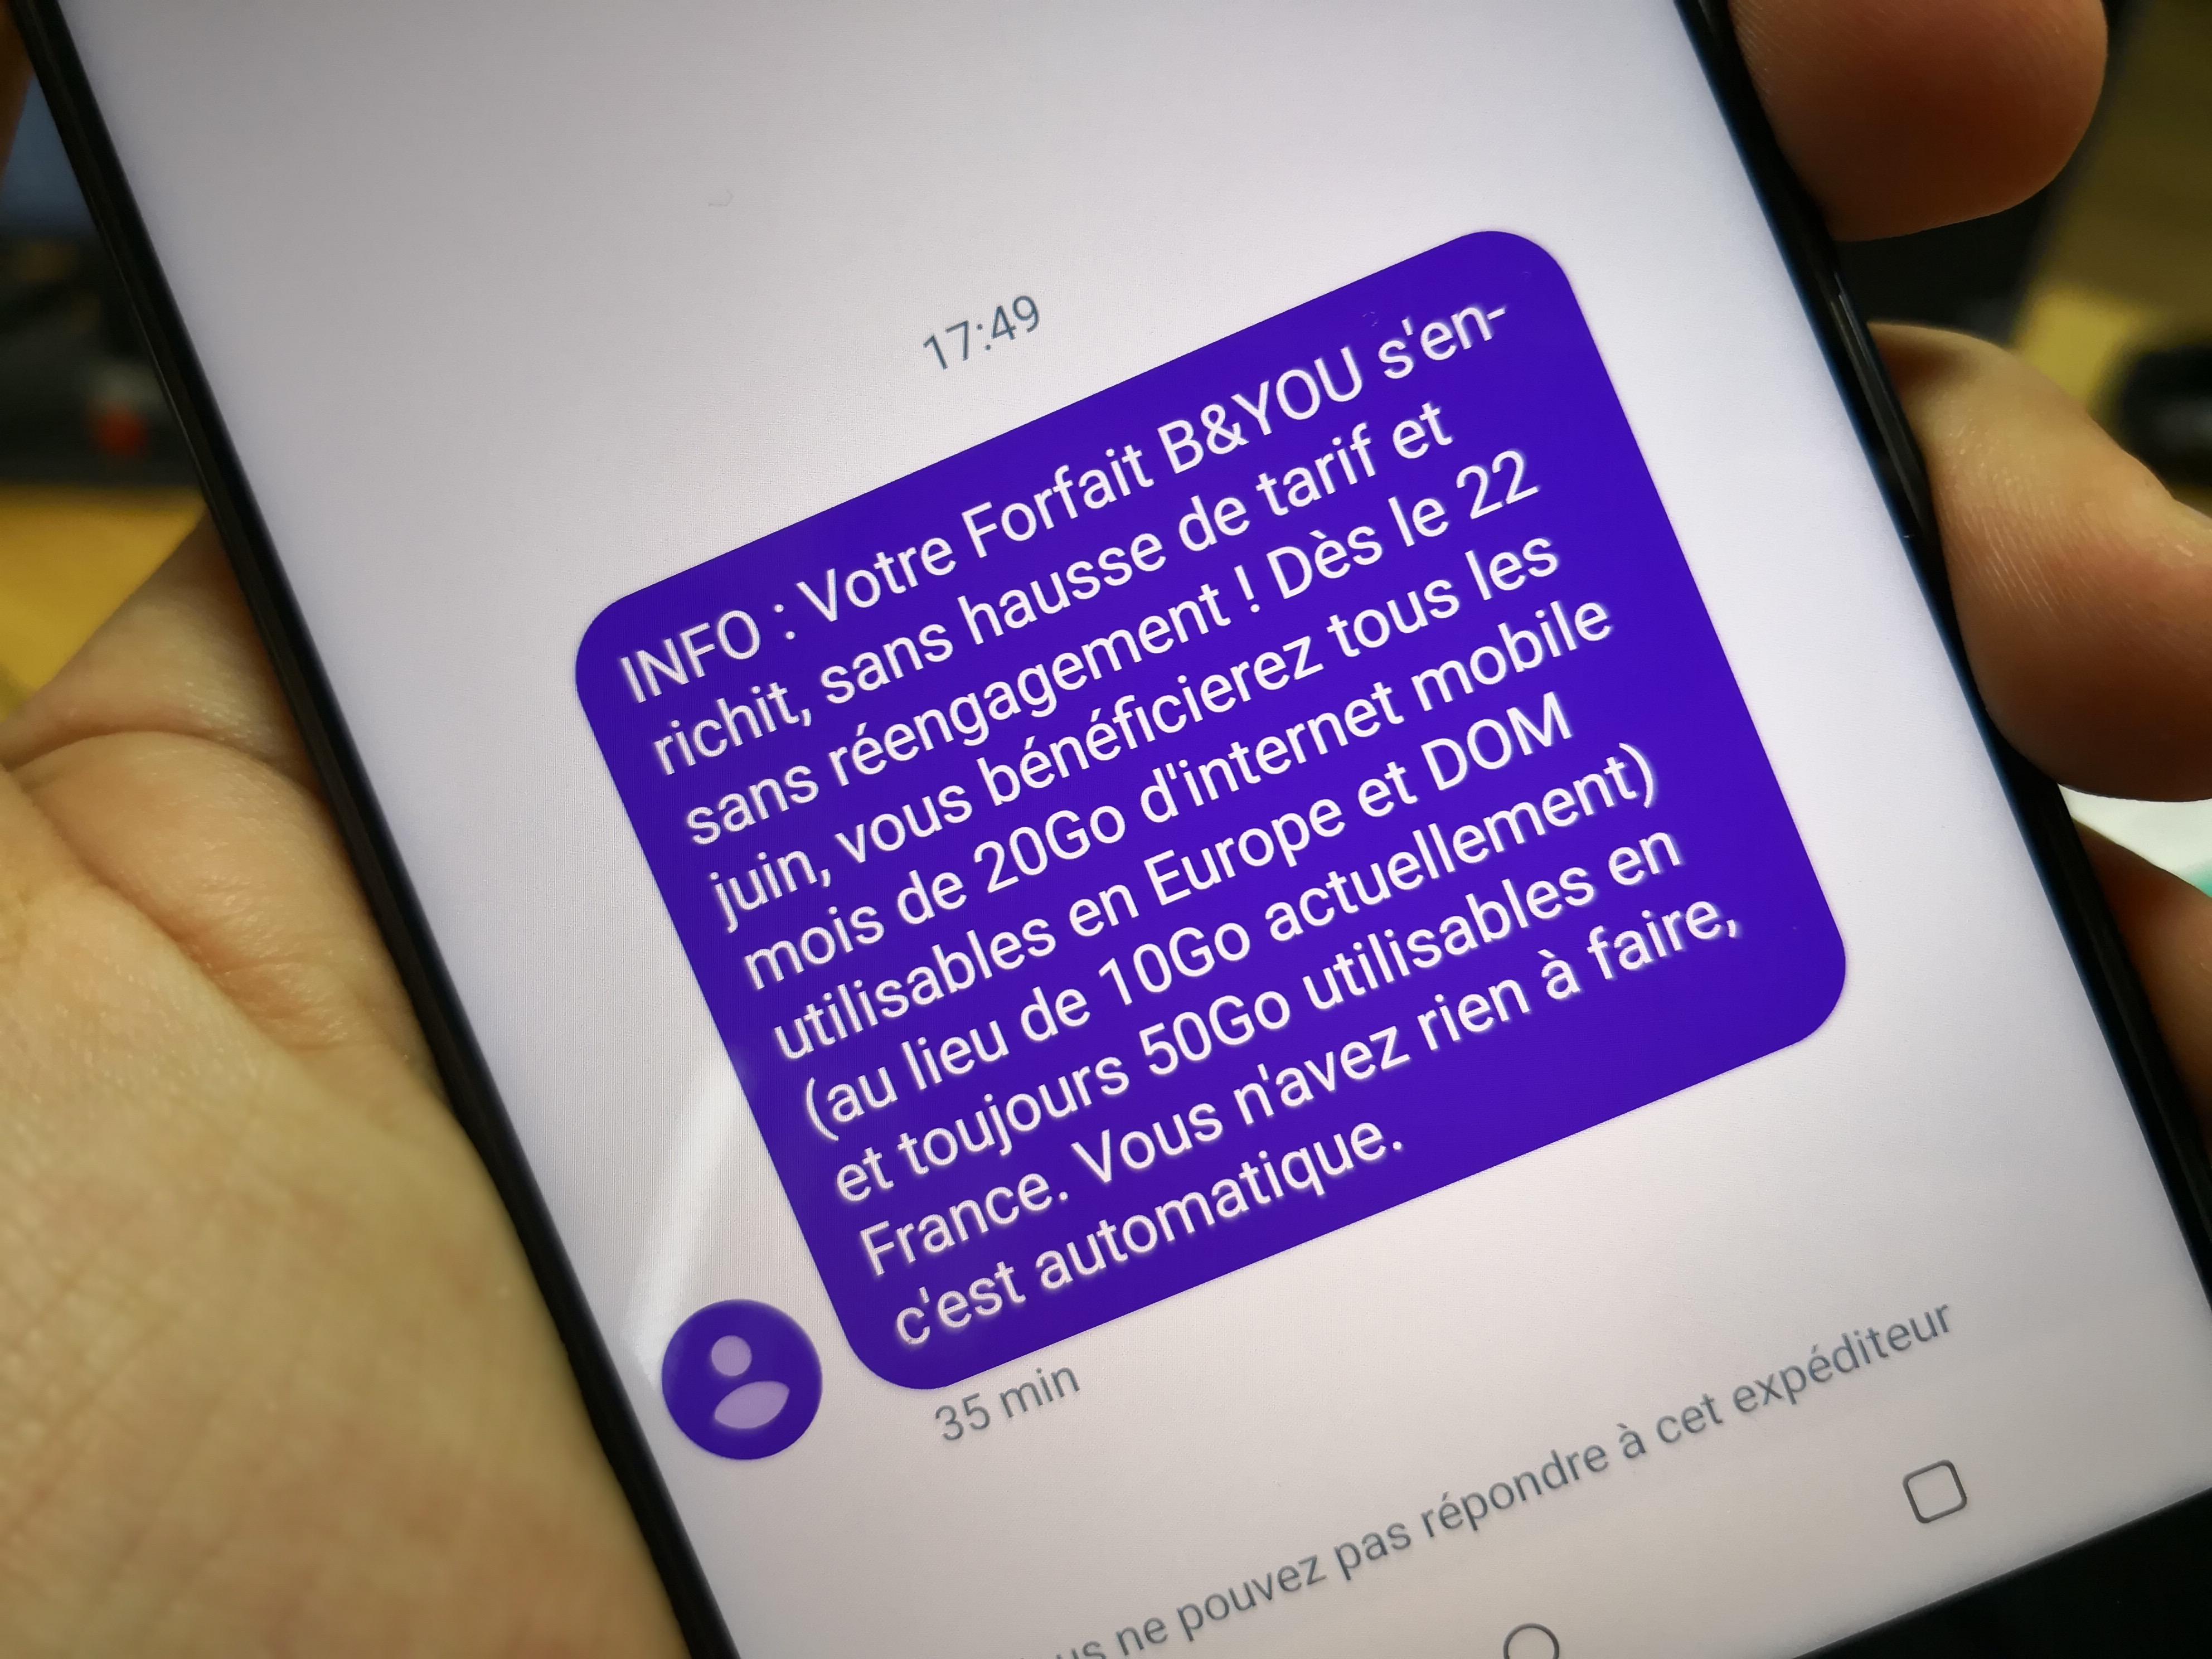 B&YOU offre 10 Go de données mobiles en Europe et dans les DOM à ses clients